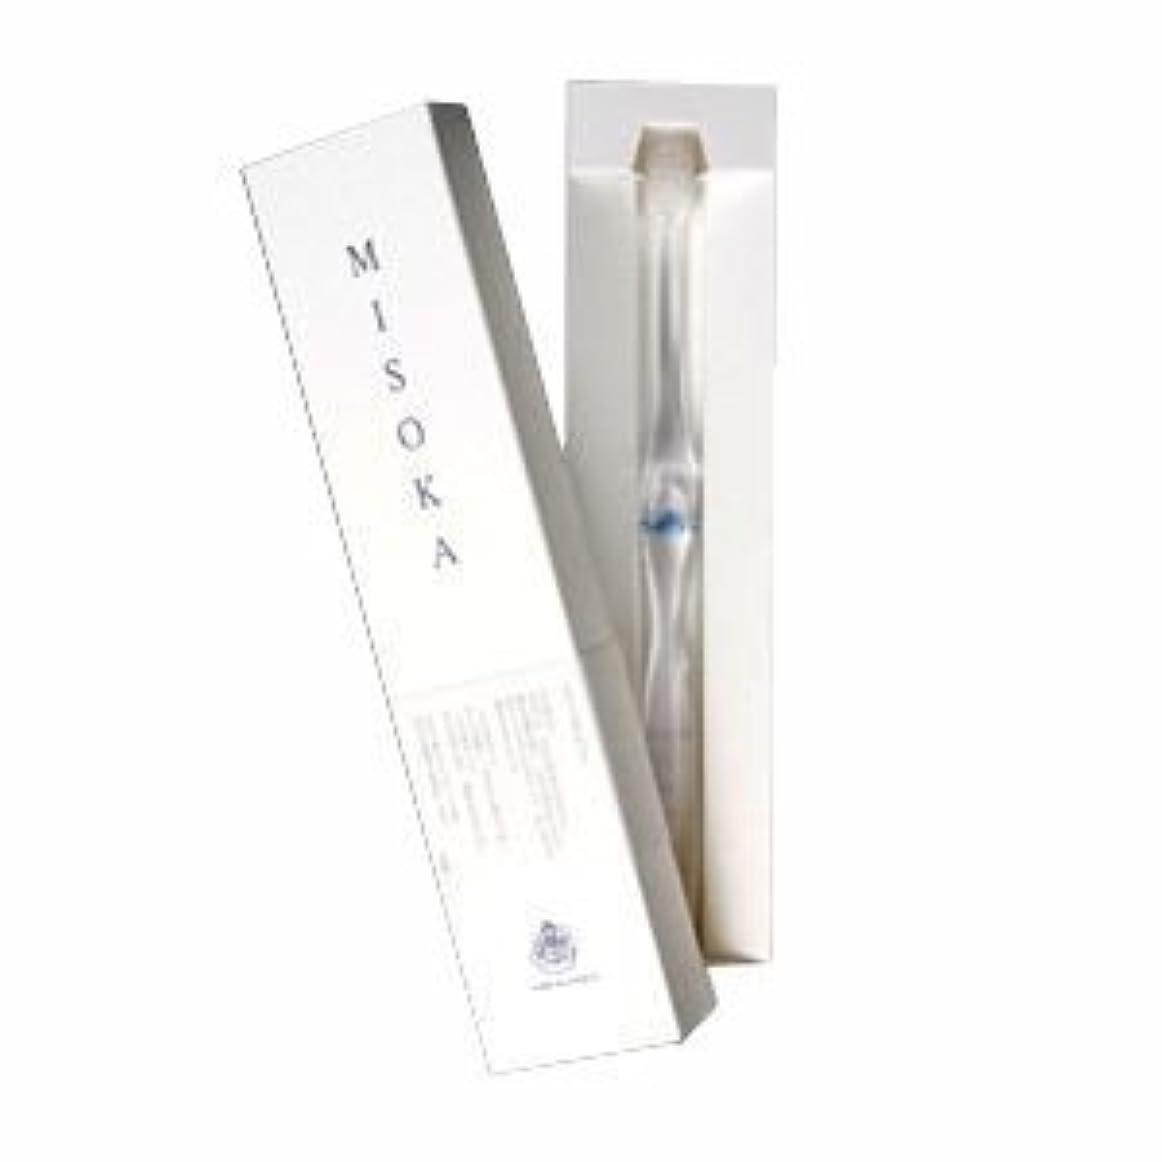 misoka  ミソカ歯ブラシ (藍色) 水でツルツルになるナノテク歯ブラシ